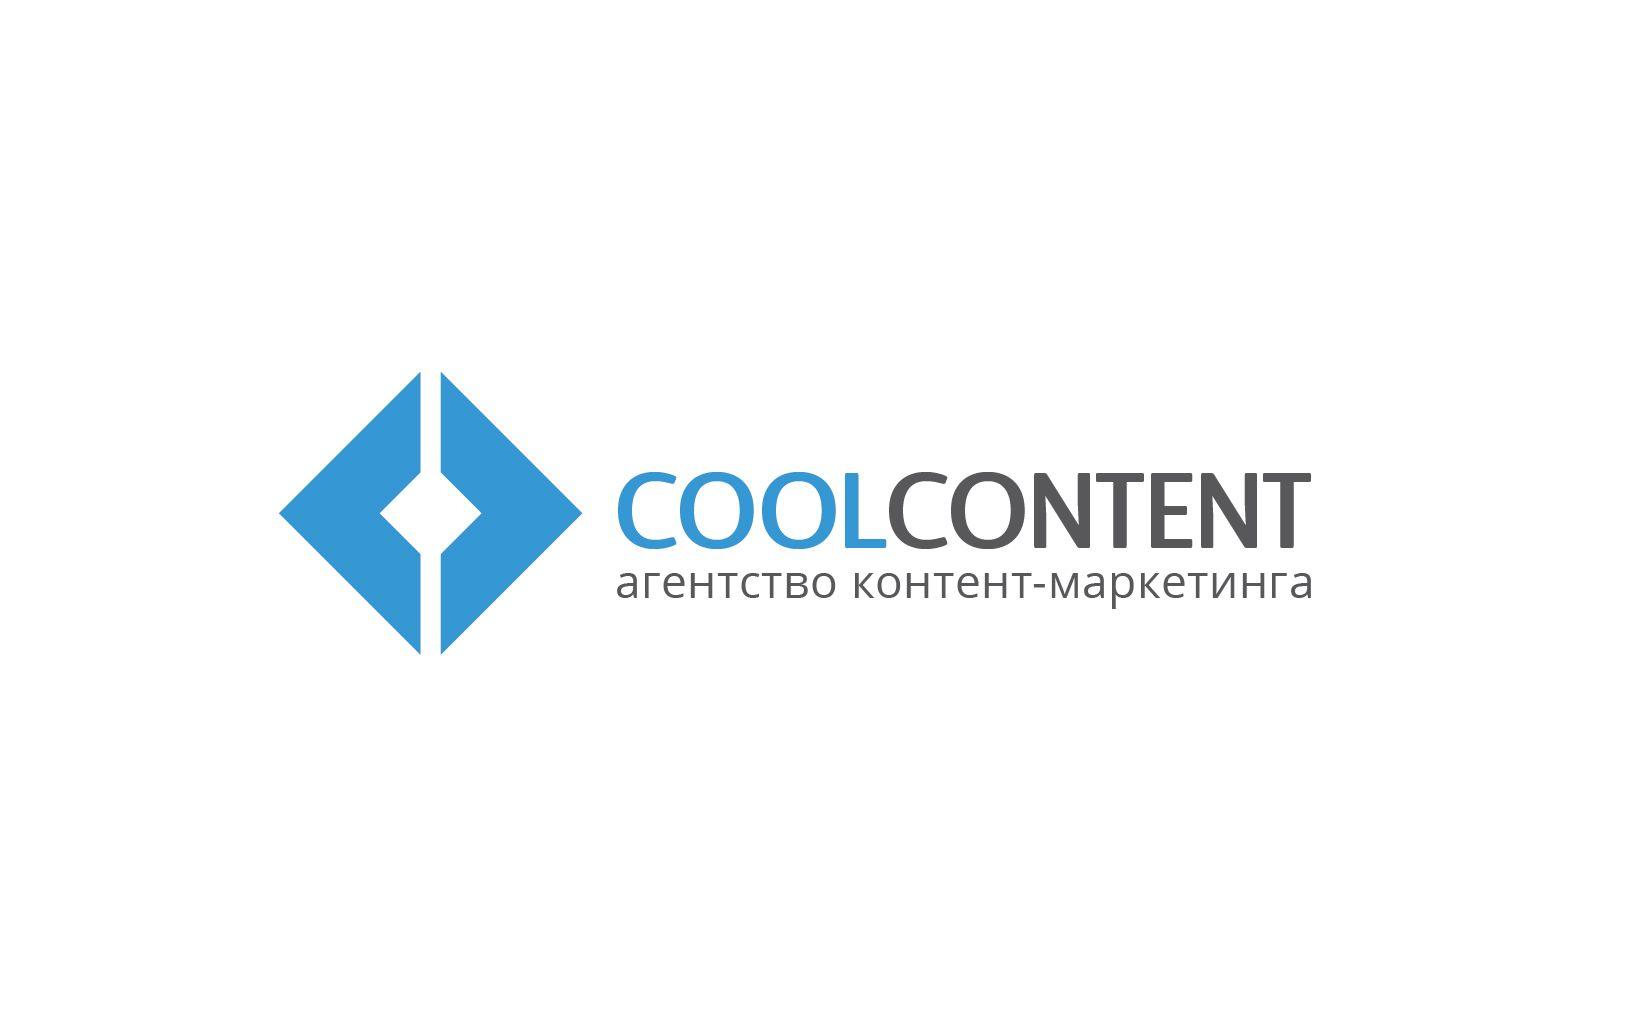 Лого для агентства Cool Content - дизайнер andyul